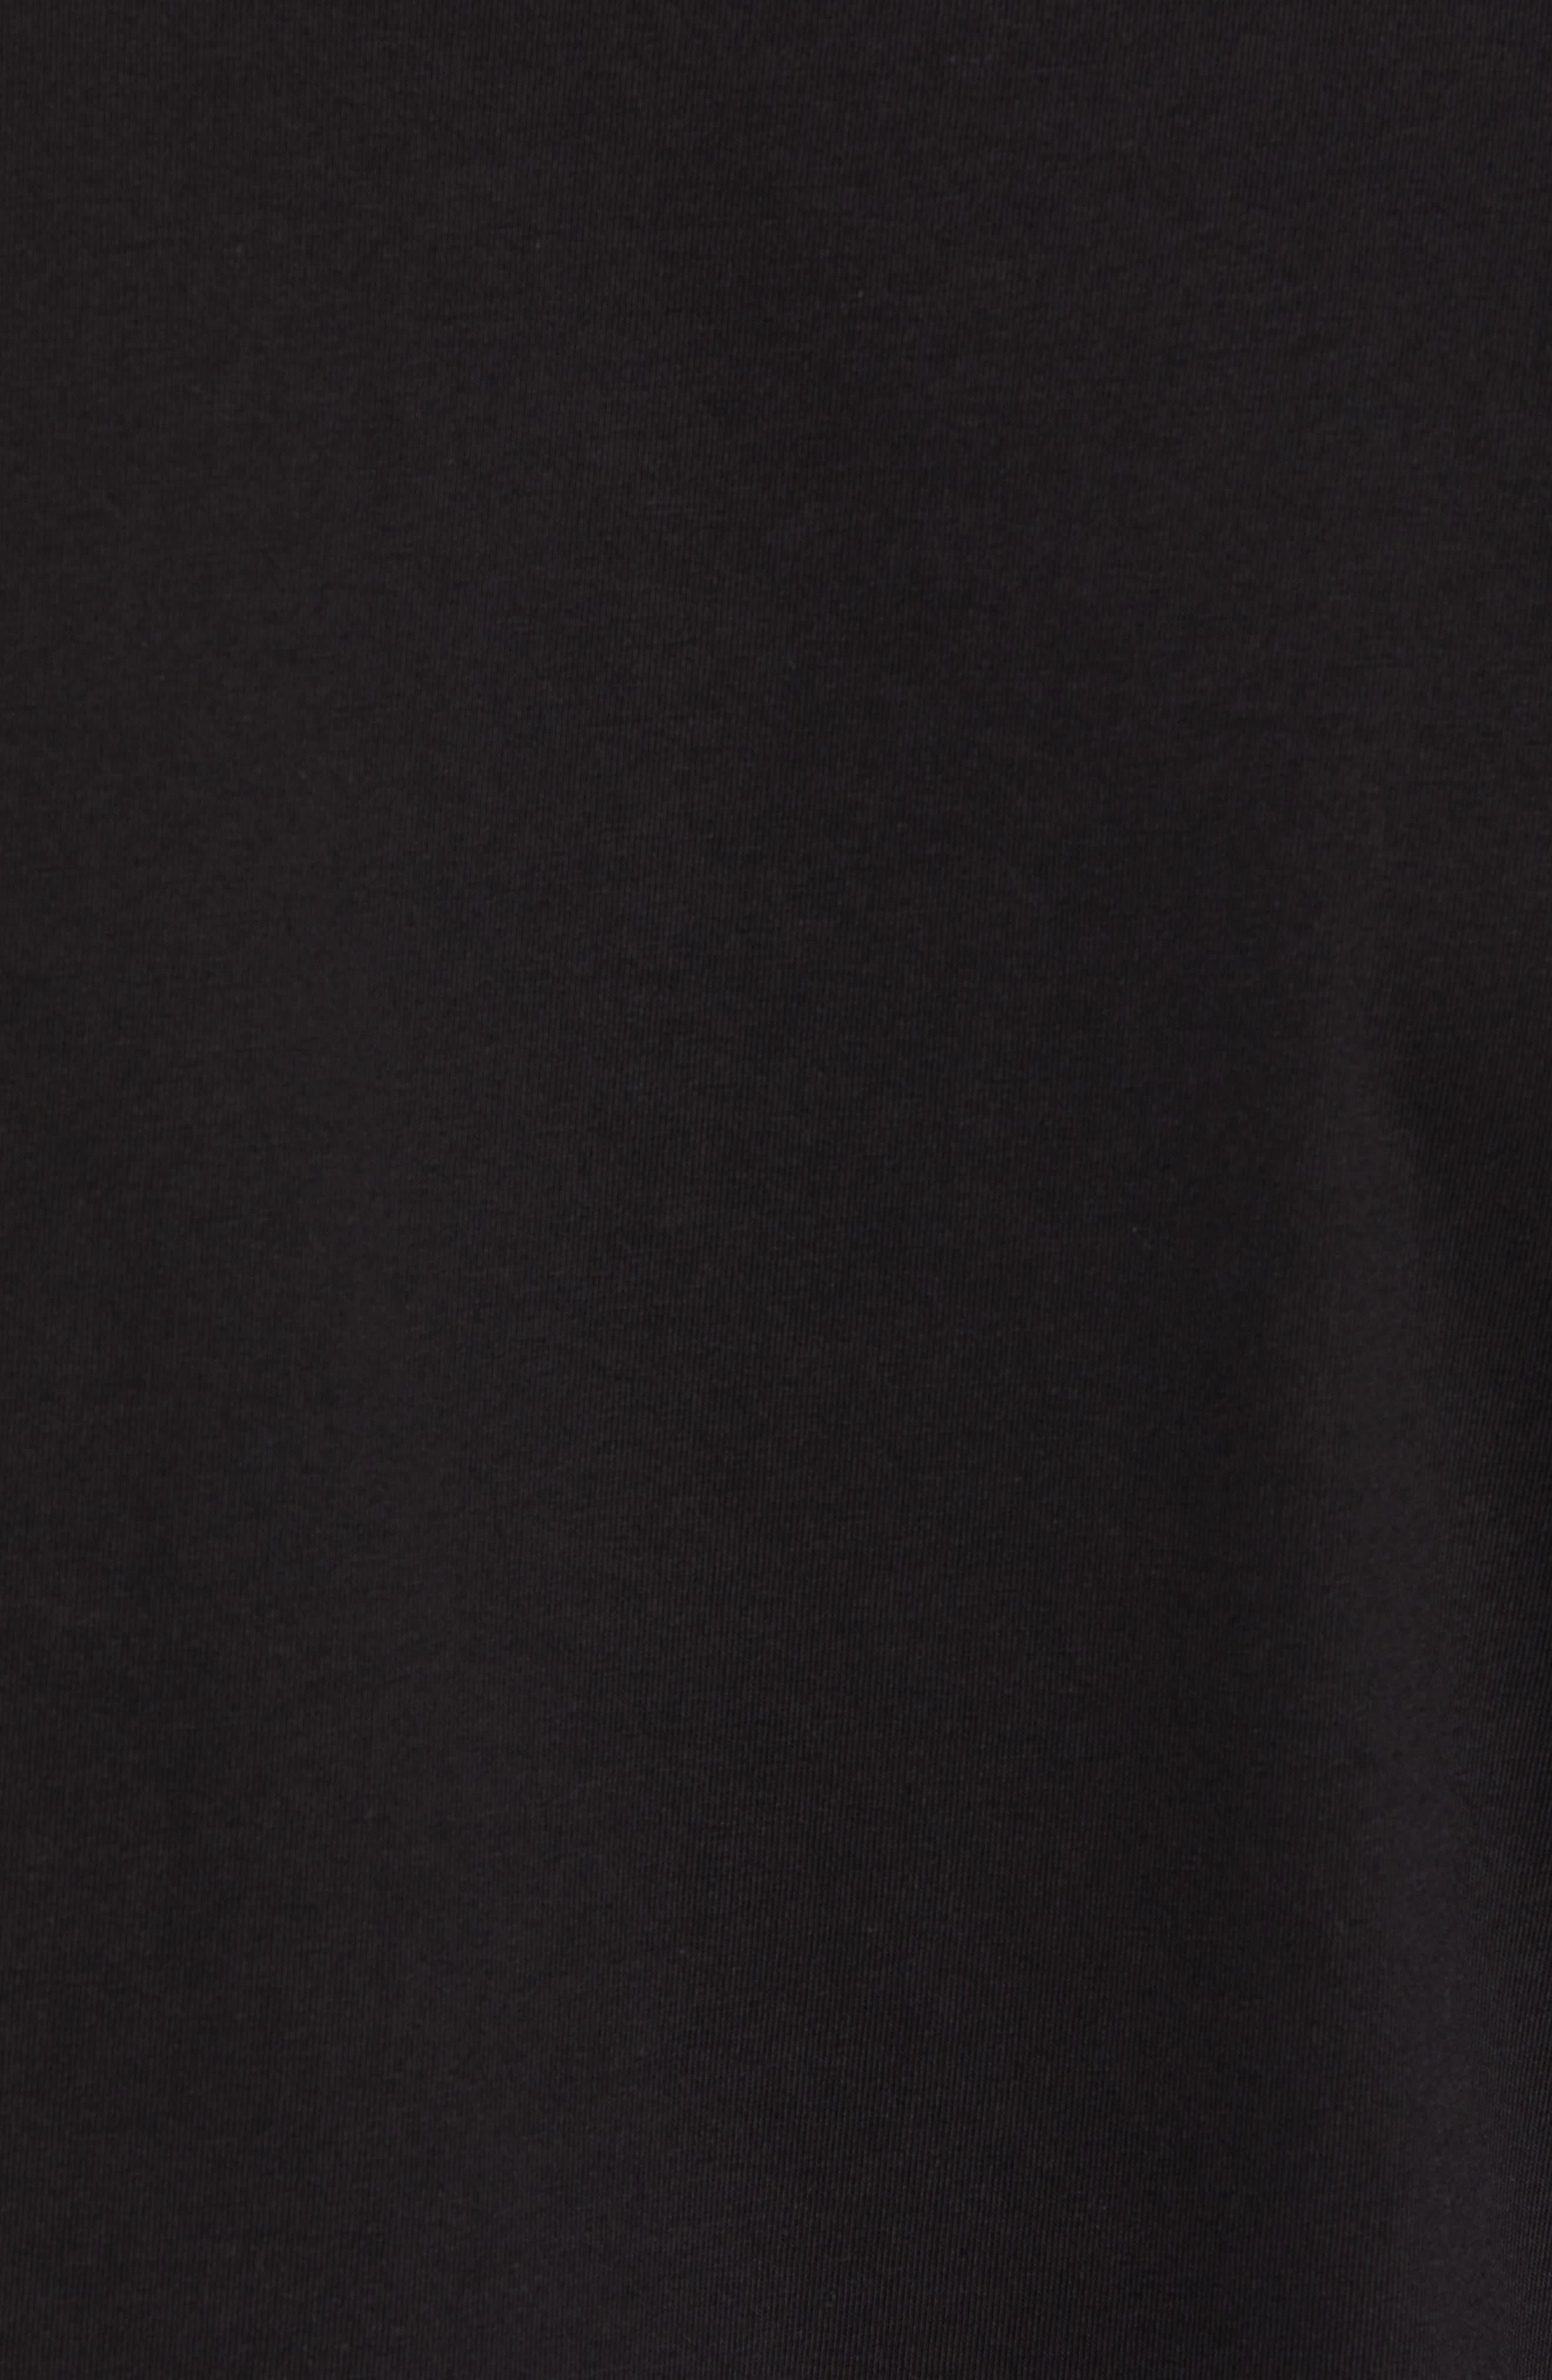 Trim Fit Henley T-Shirt,                             Alternate thumbnail 5, color,                             001